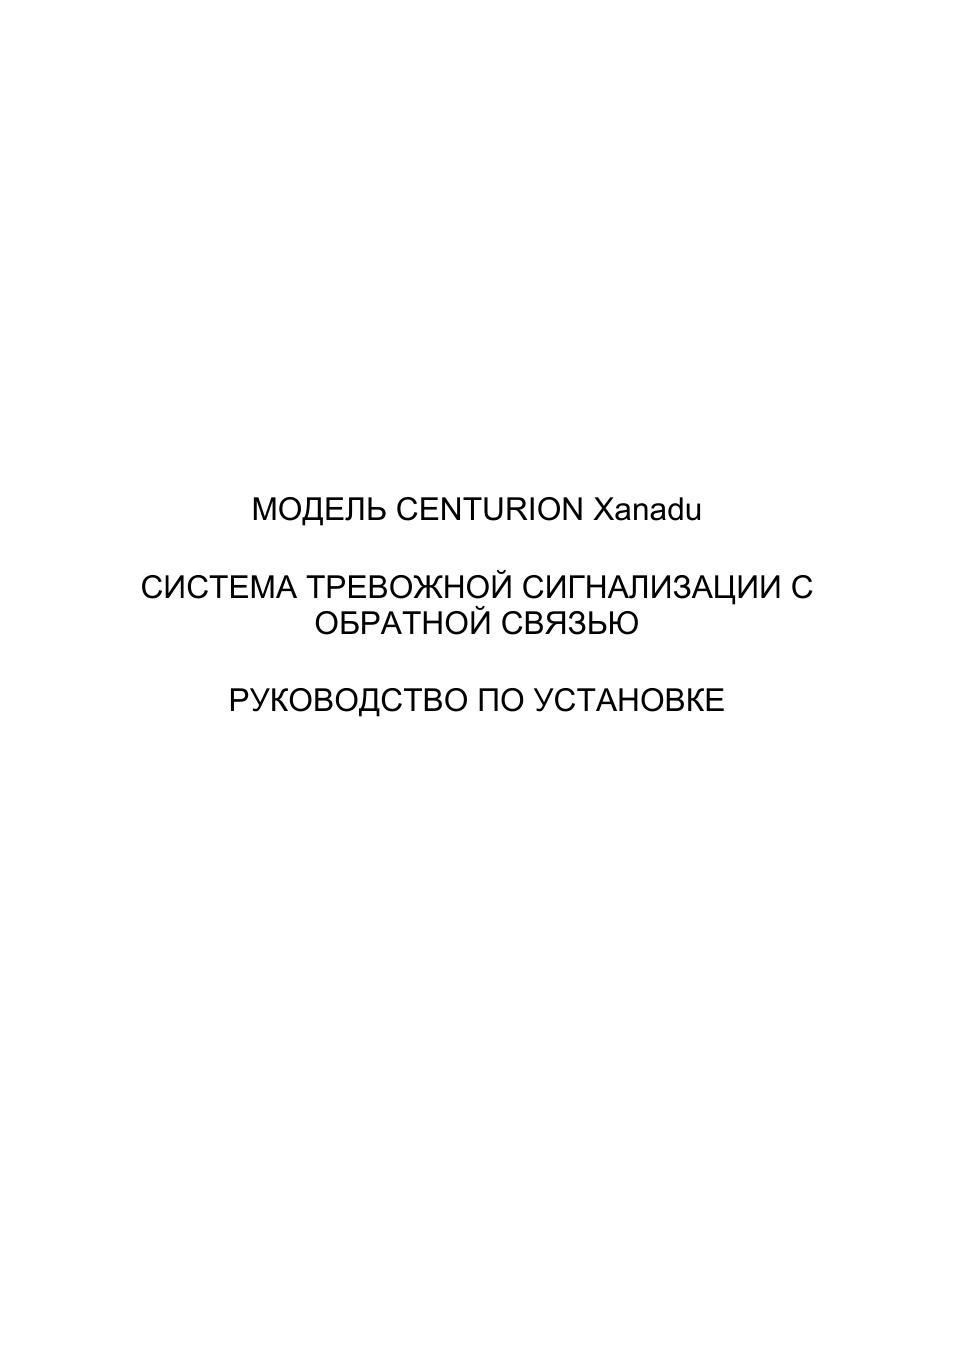 инструкция centurion xanadu сигнализации